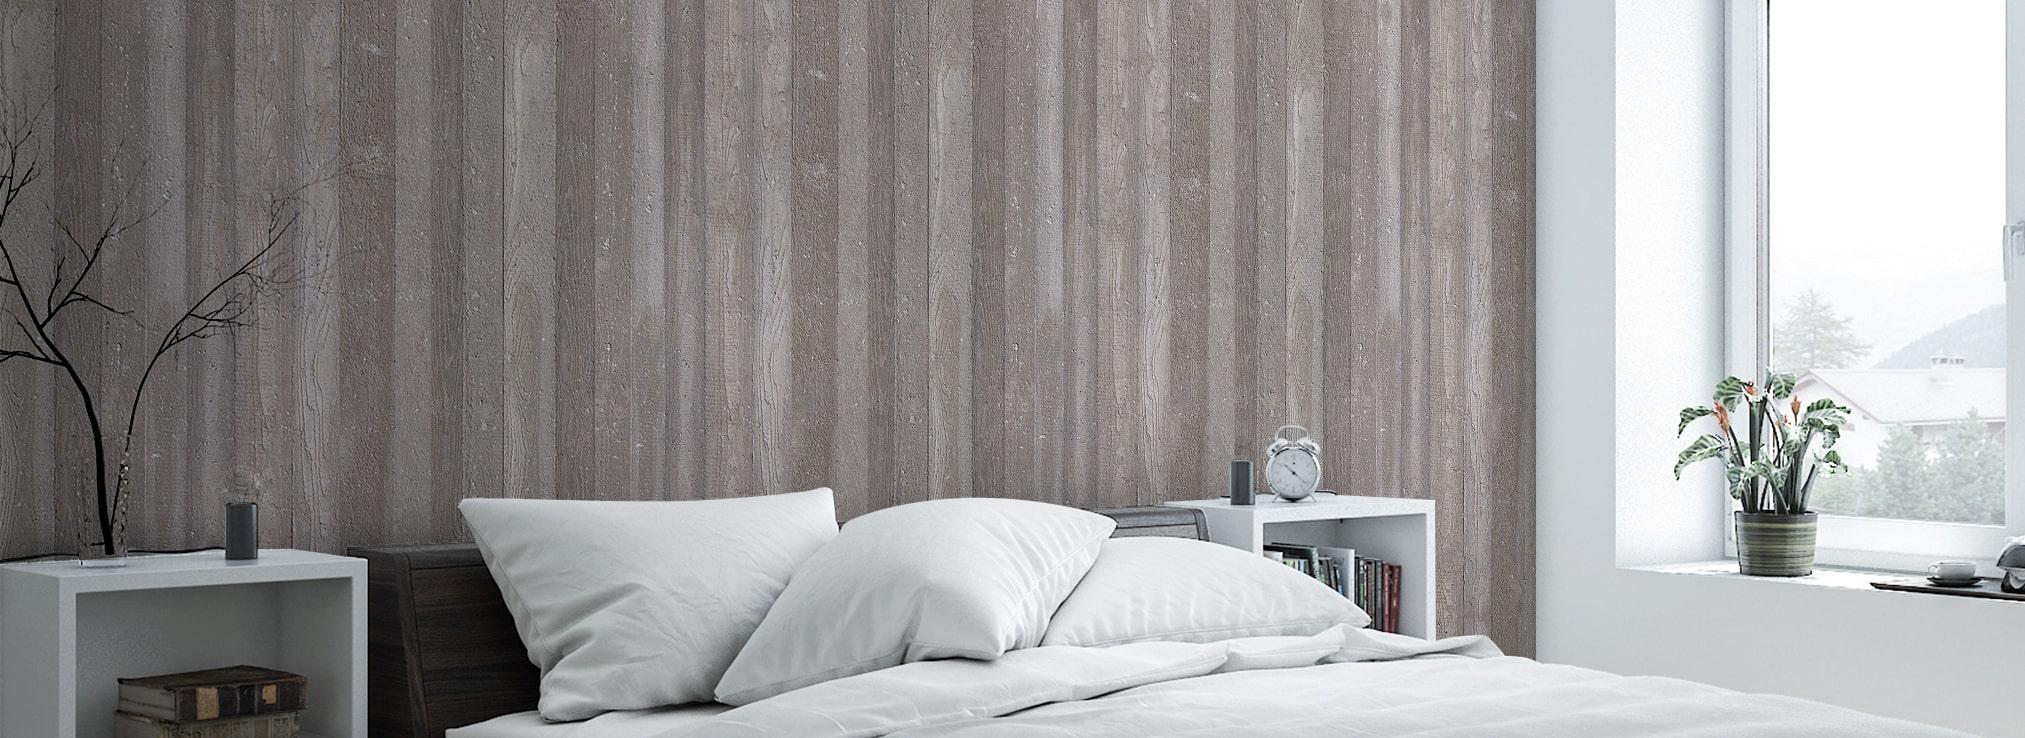 Duschrückwände-Wandplatten